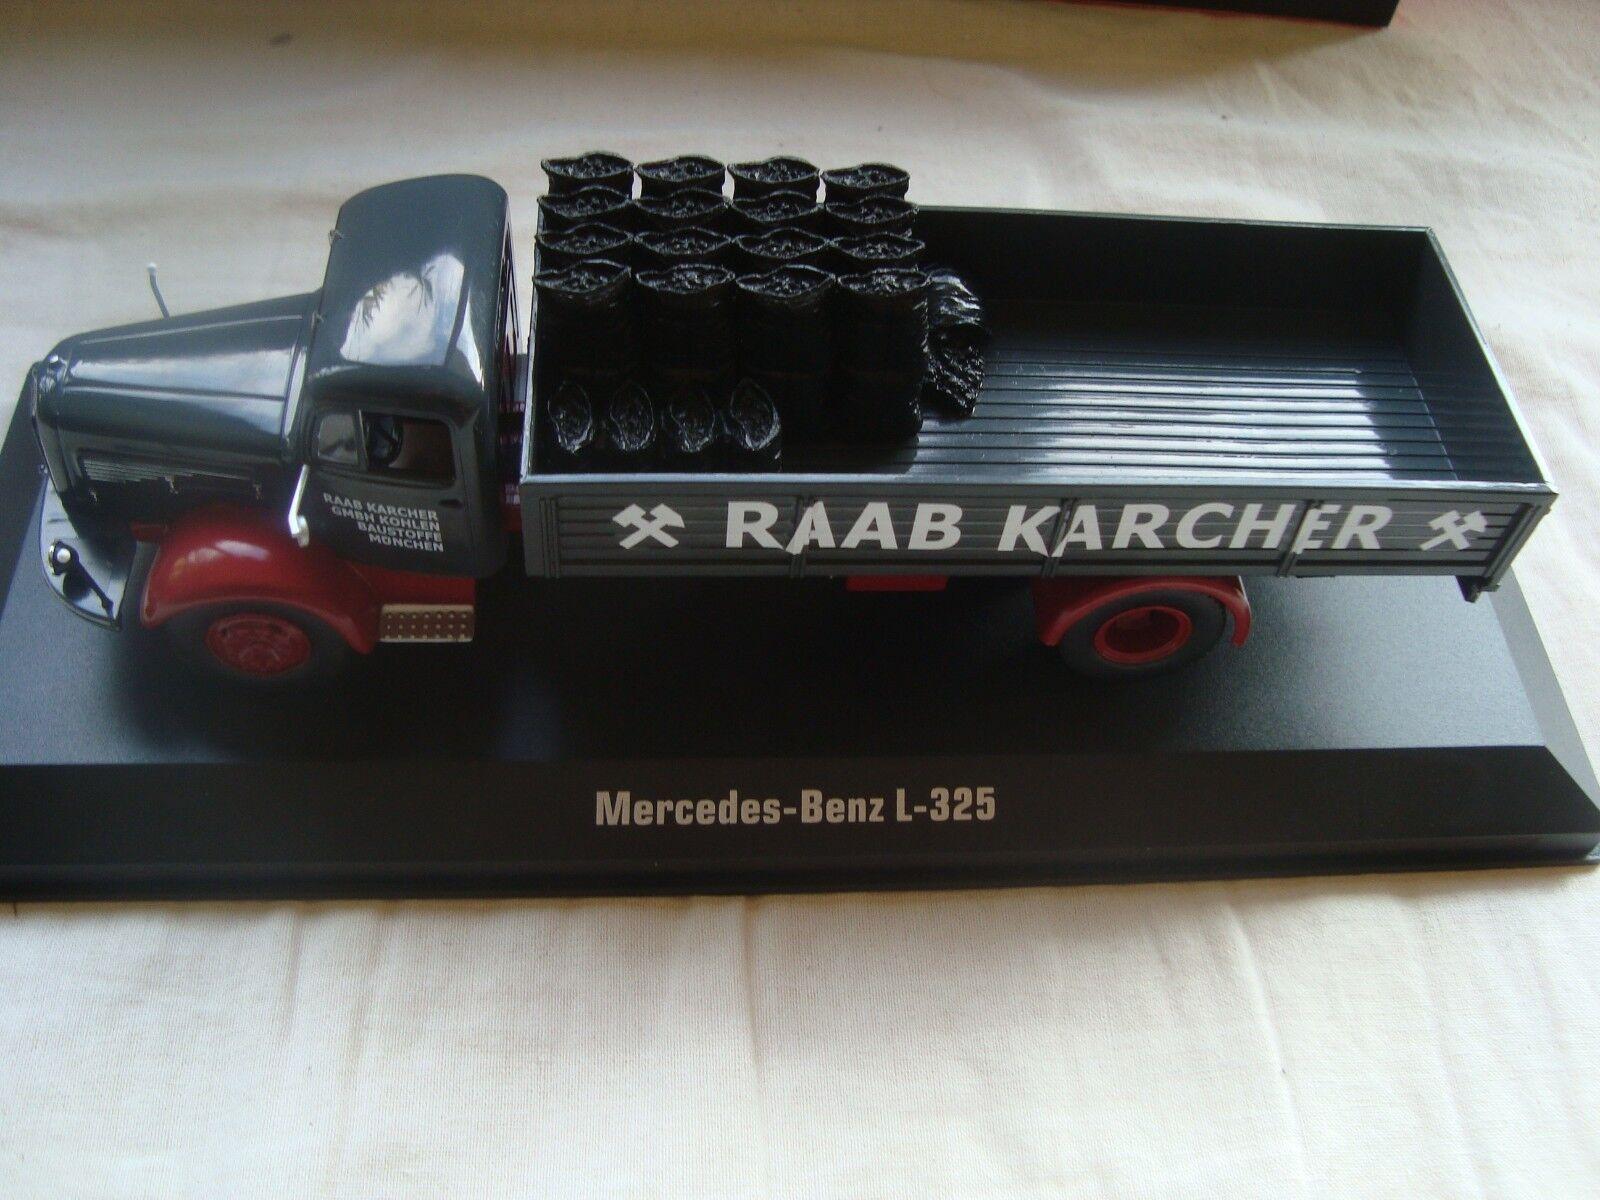 CAMION MERCEDES BENZ L-325 Raab Karcher avec autogaison CHARBON  1 43 Ixo TRU029